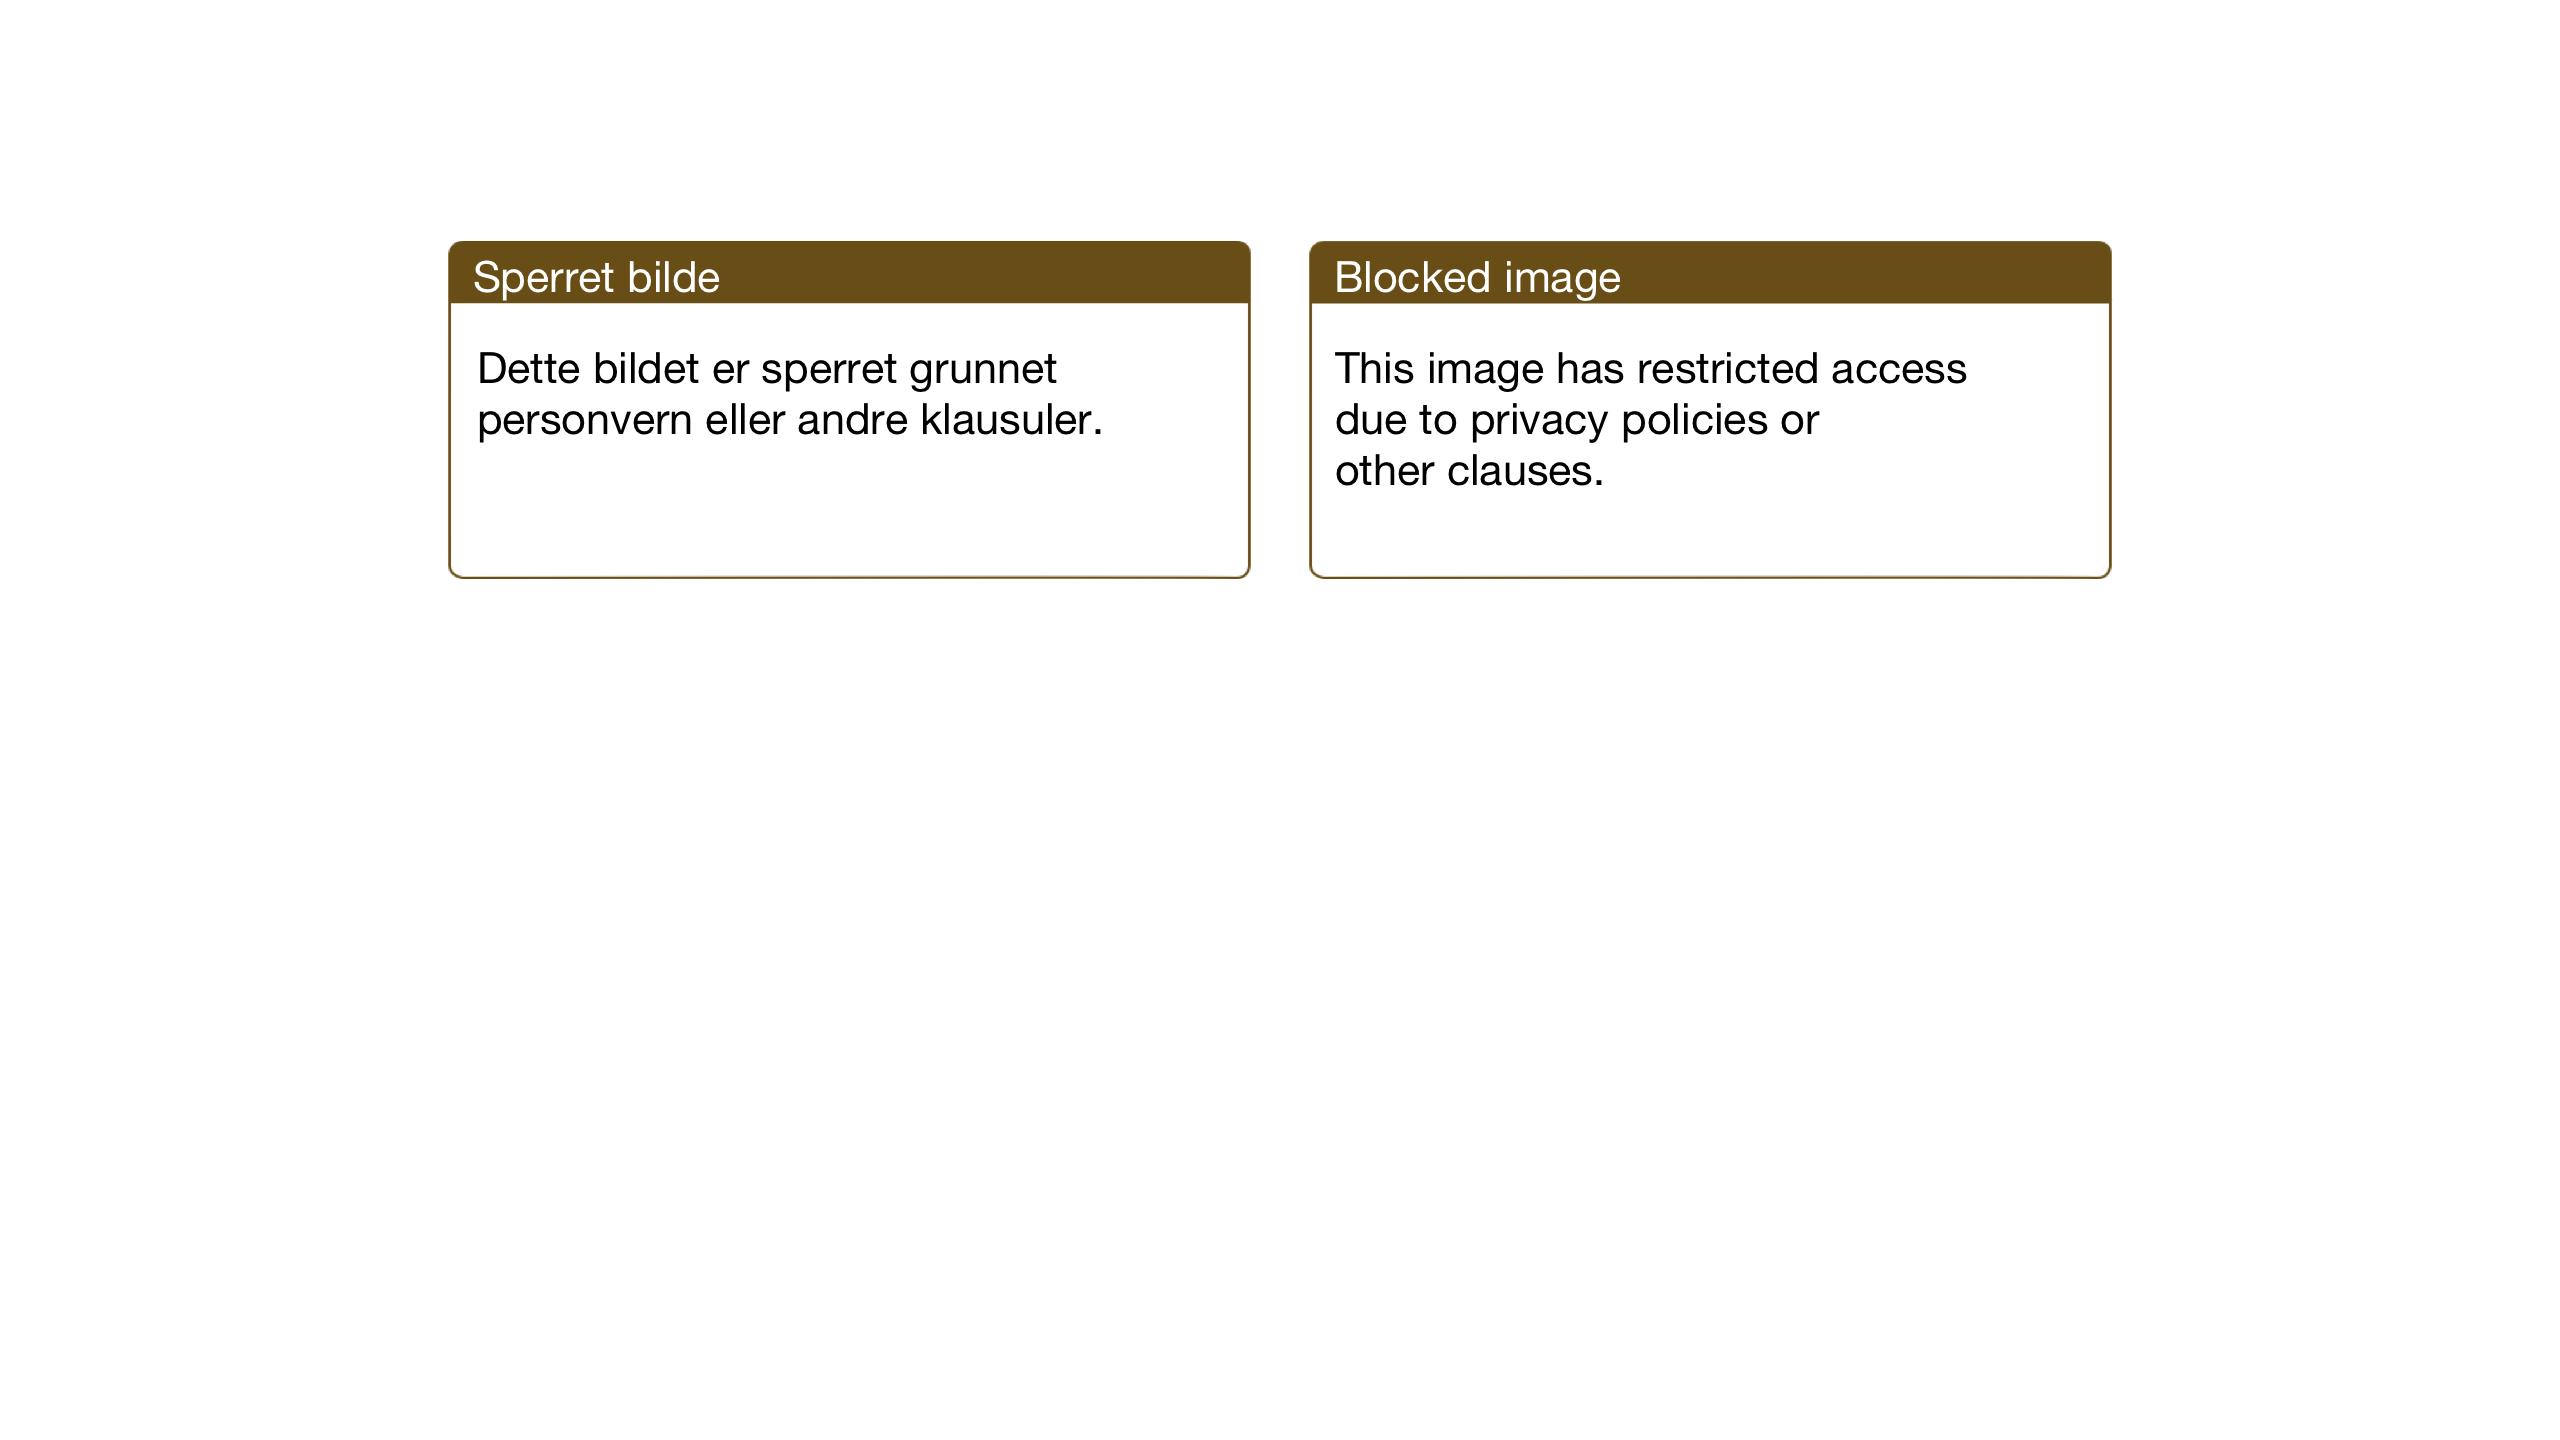 SAT, Ministerialprotokoller, klokkerbøker og fødselsregistre - Sør-Trøndelag, 637/L0564: Klokkerbok nr. 637C05, 1928-1968, s. 217